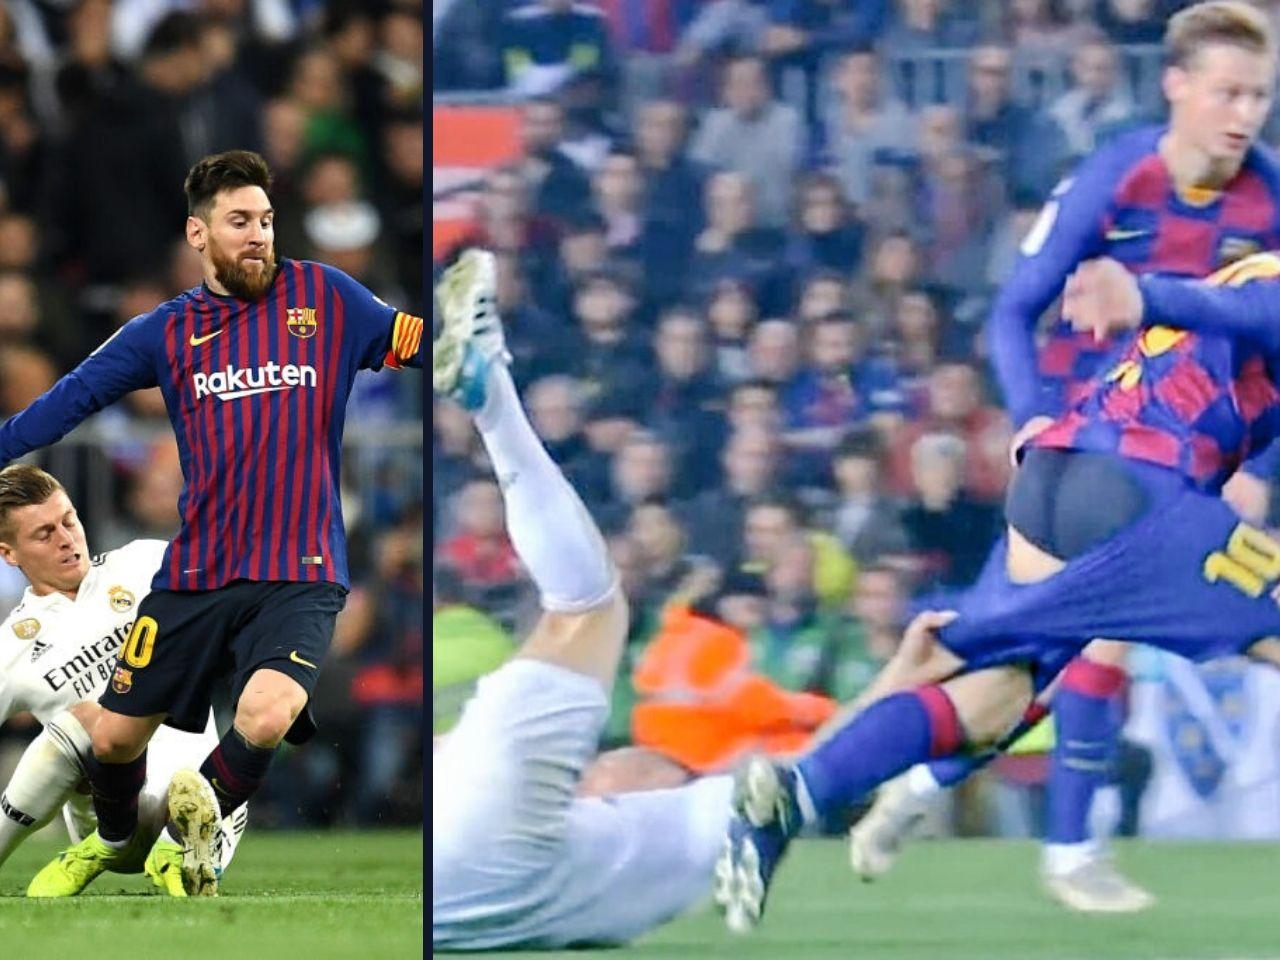 原创             西班牙国家德比:克罗斯拉下梅西的球裤,引网友热议